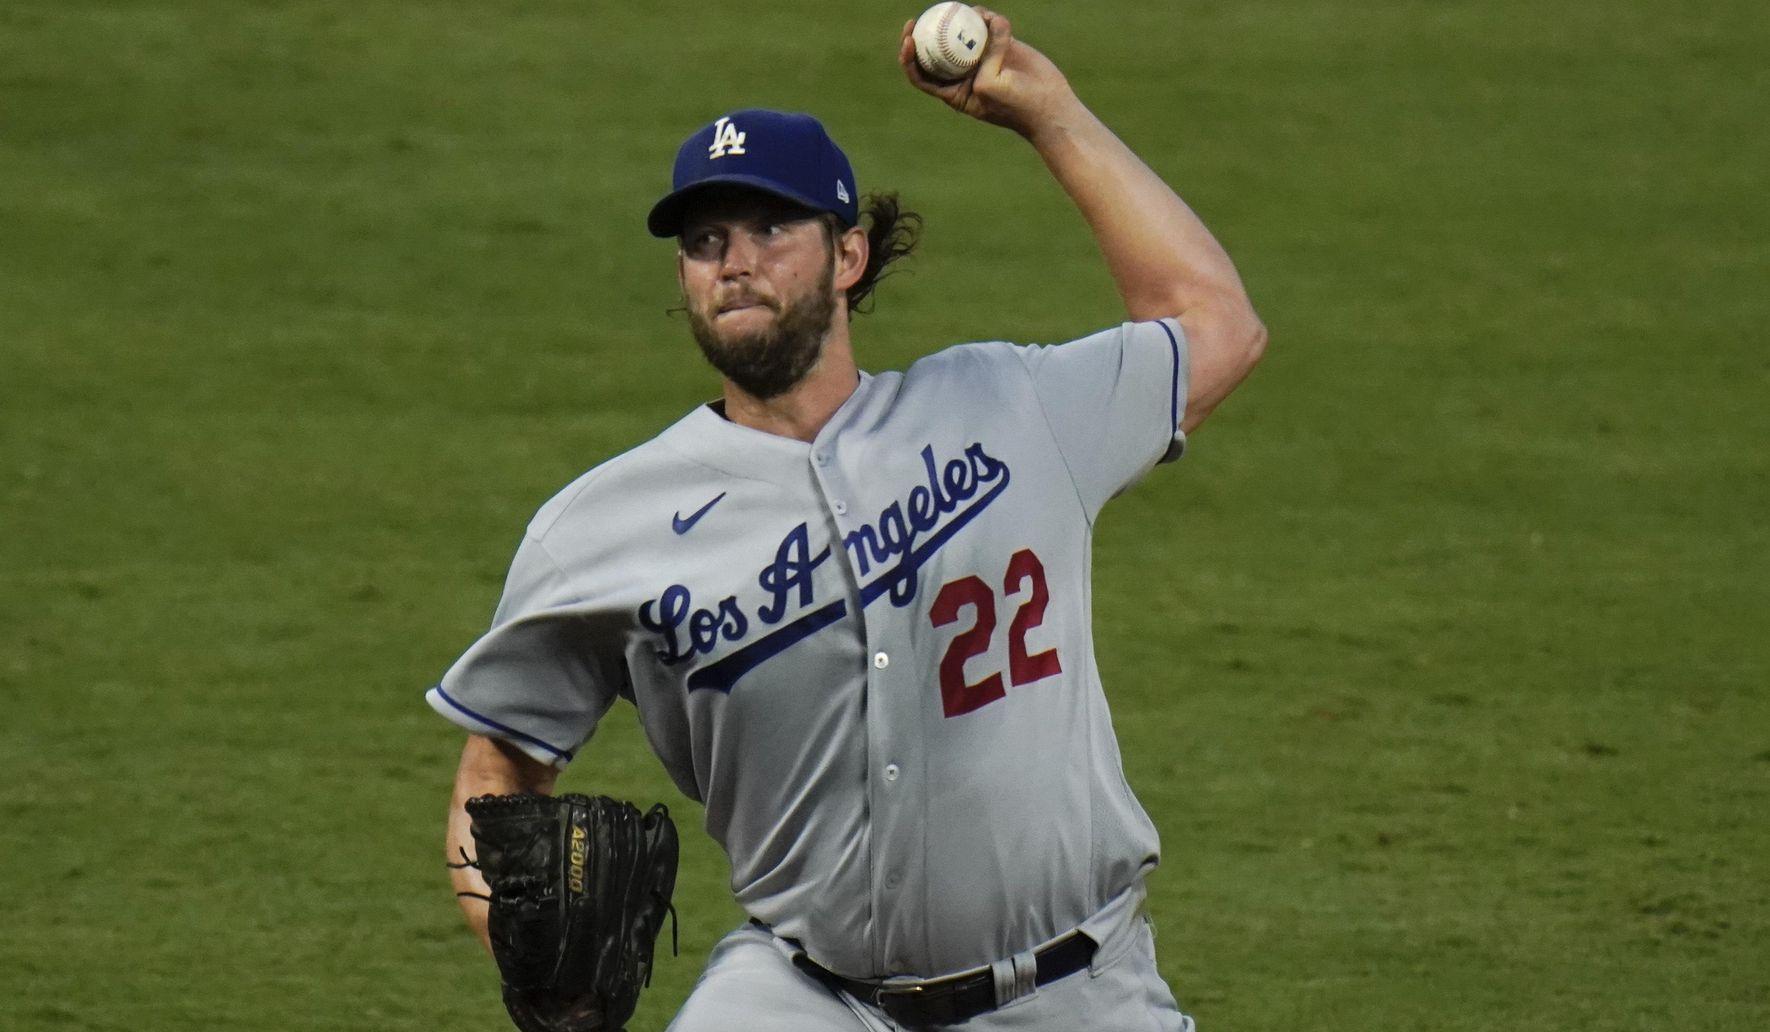 Dodgers_angels_baseball_71579_c0-140-3357-2097_s1770x1032